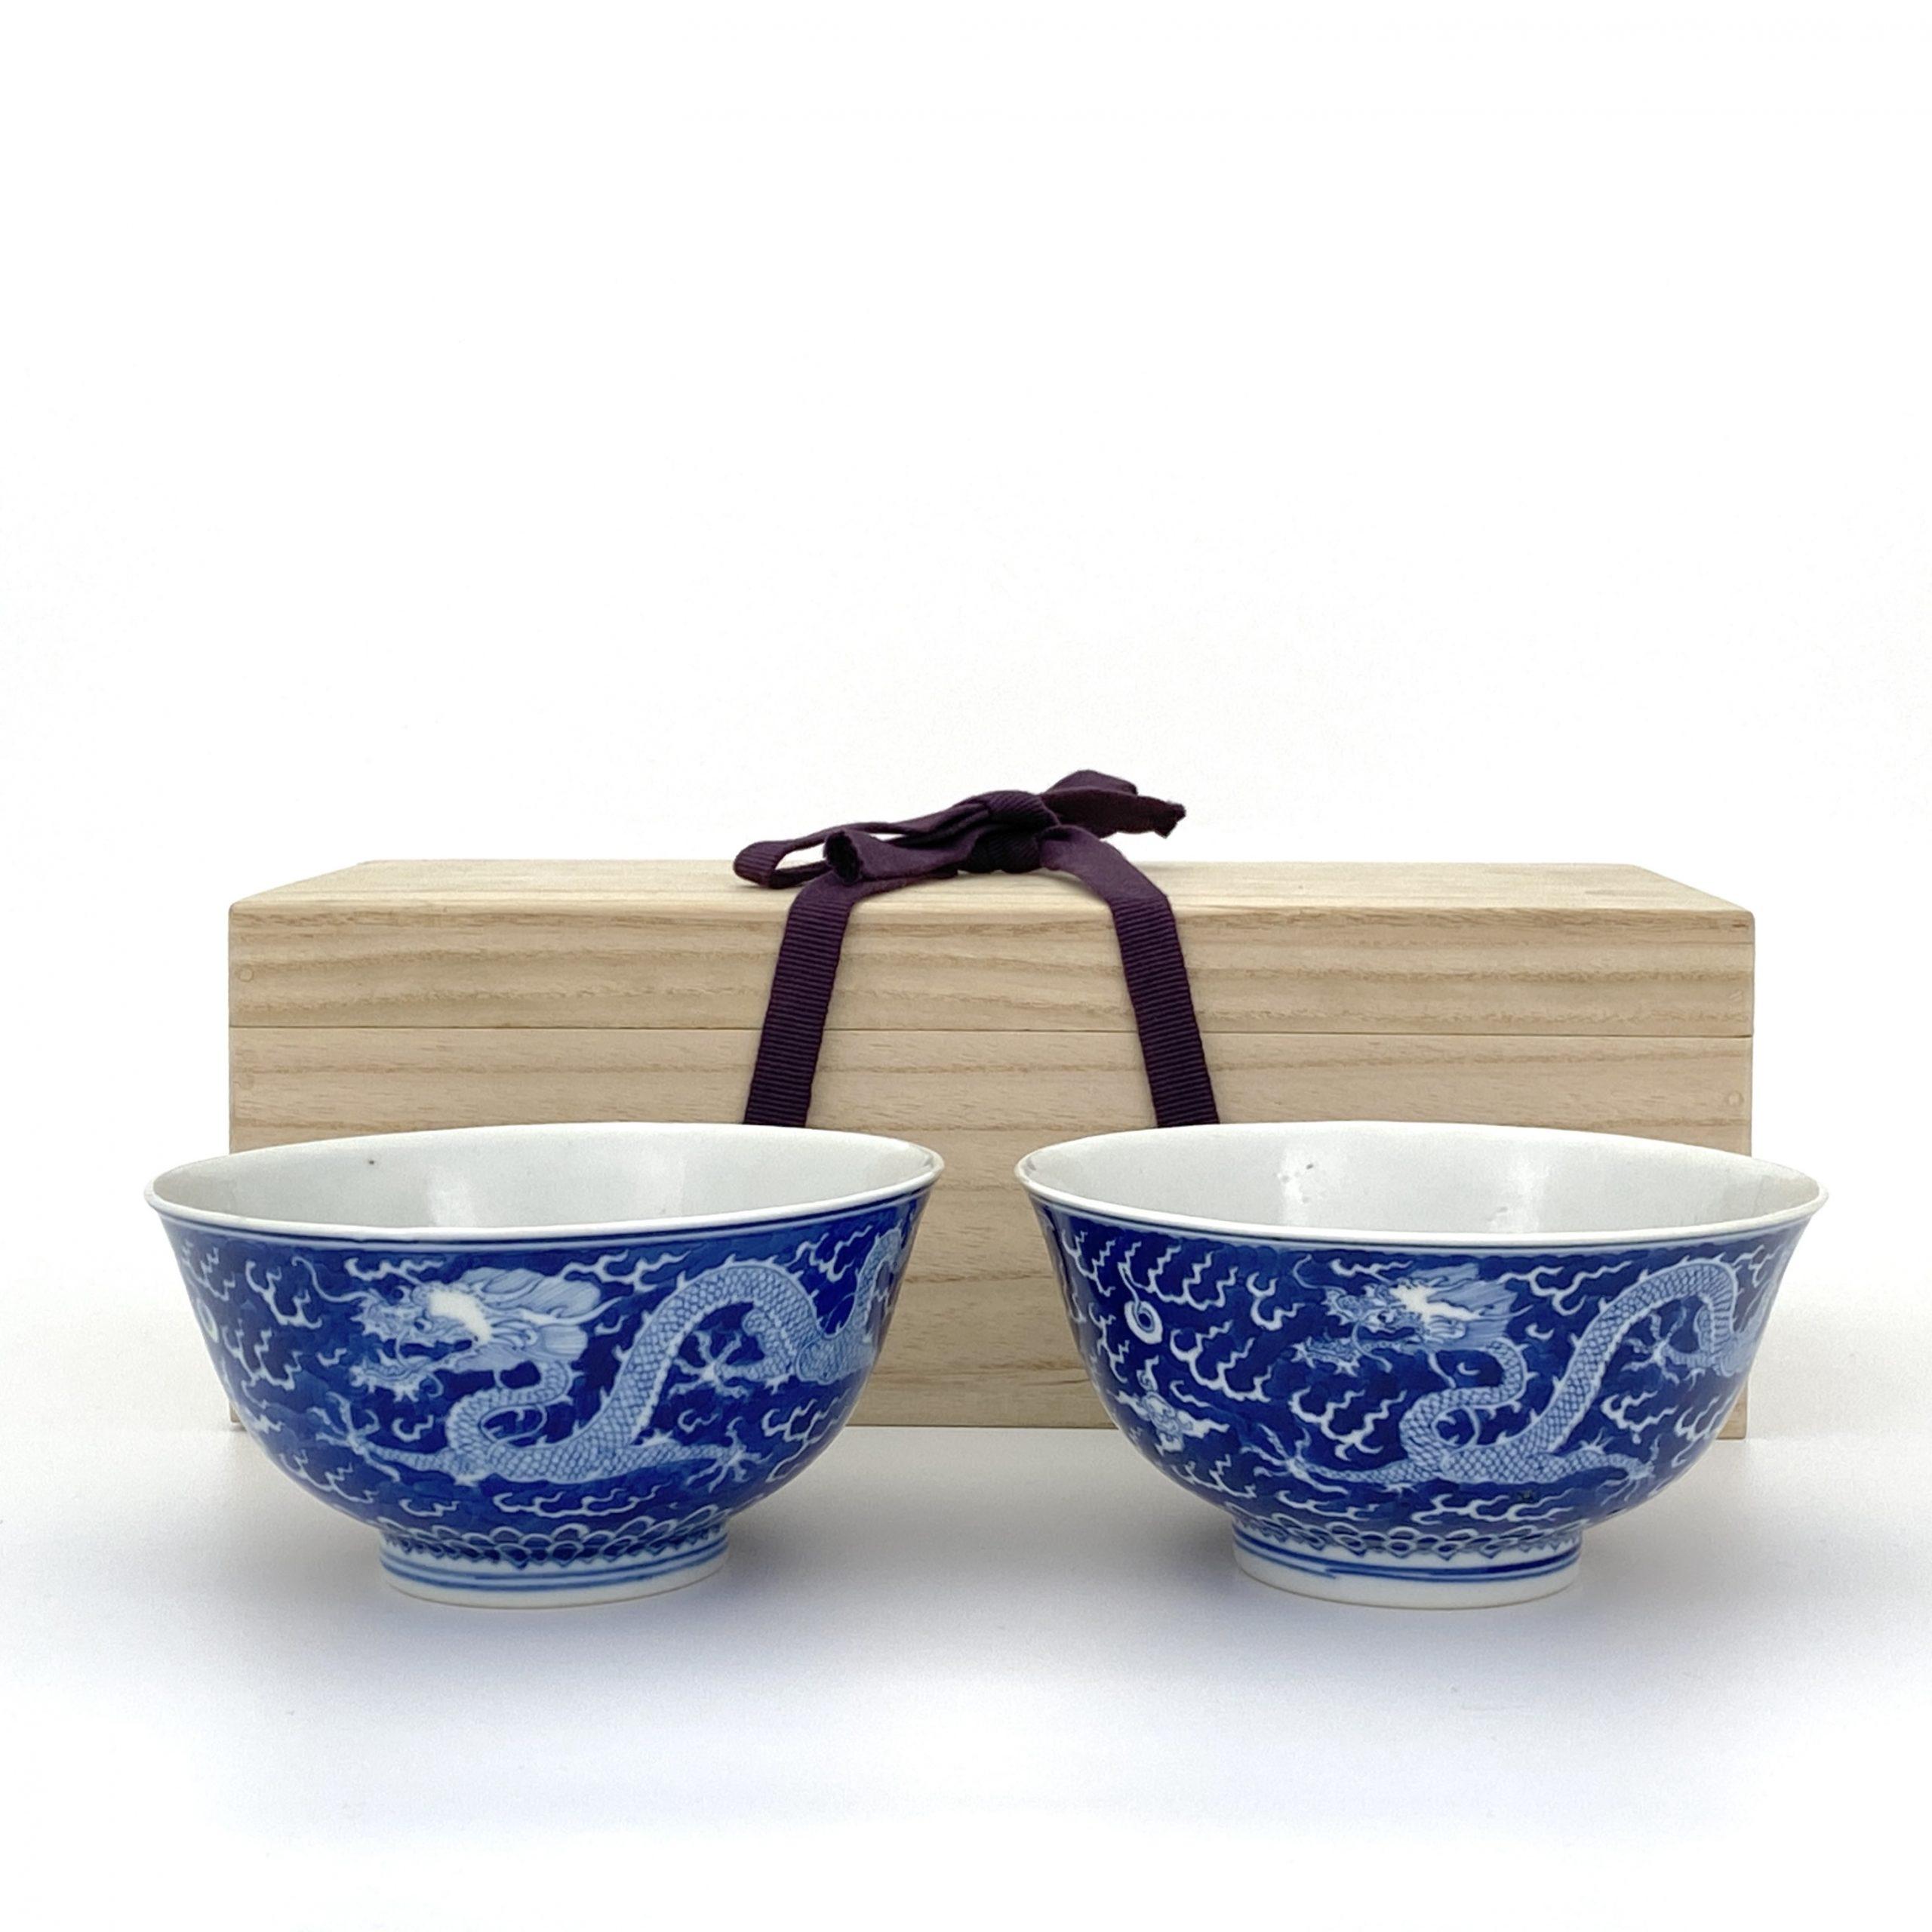 20136「大清康煕年製」款 青花 雲龍図 碗 一対